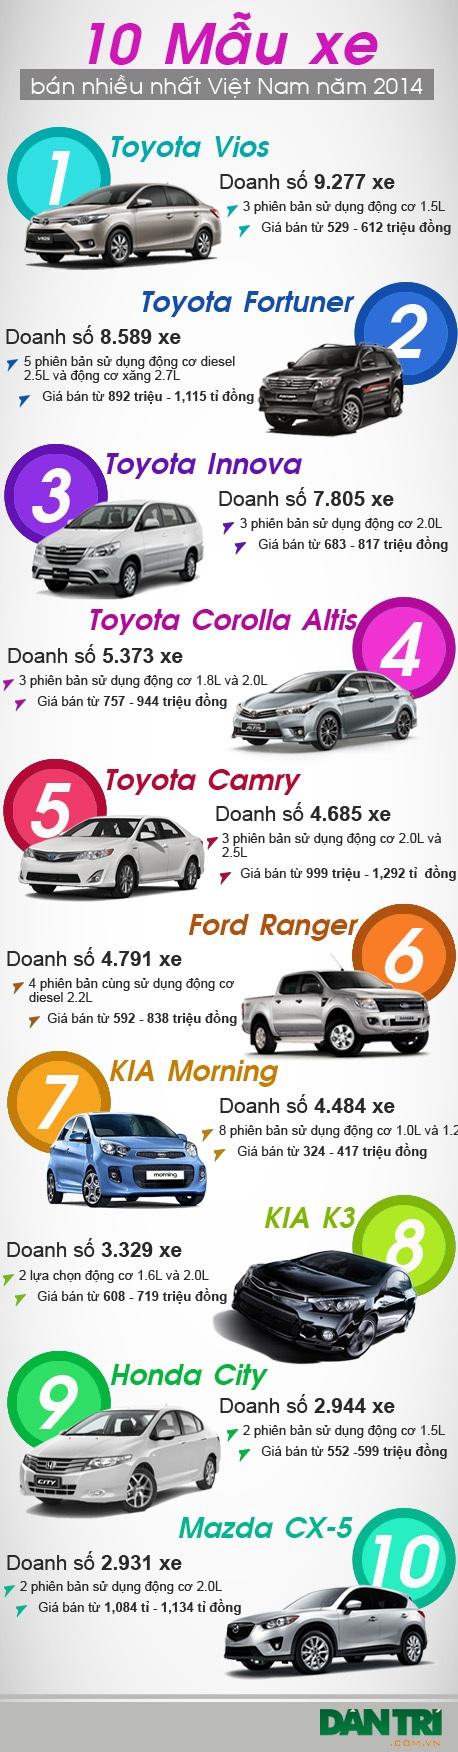 10 mẫu xe bán chạy nhất Việt Nam năm 2014